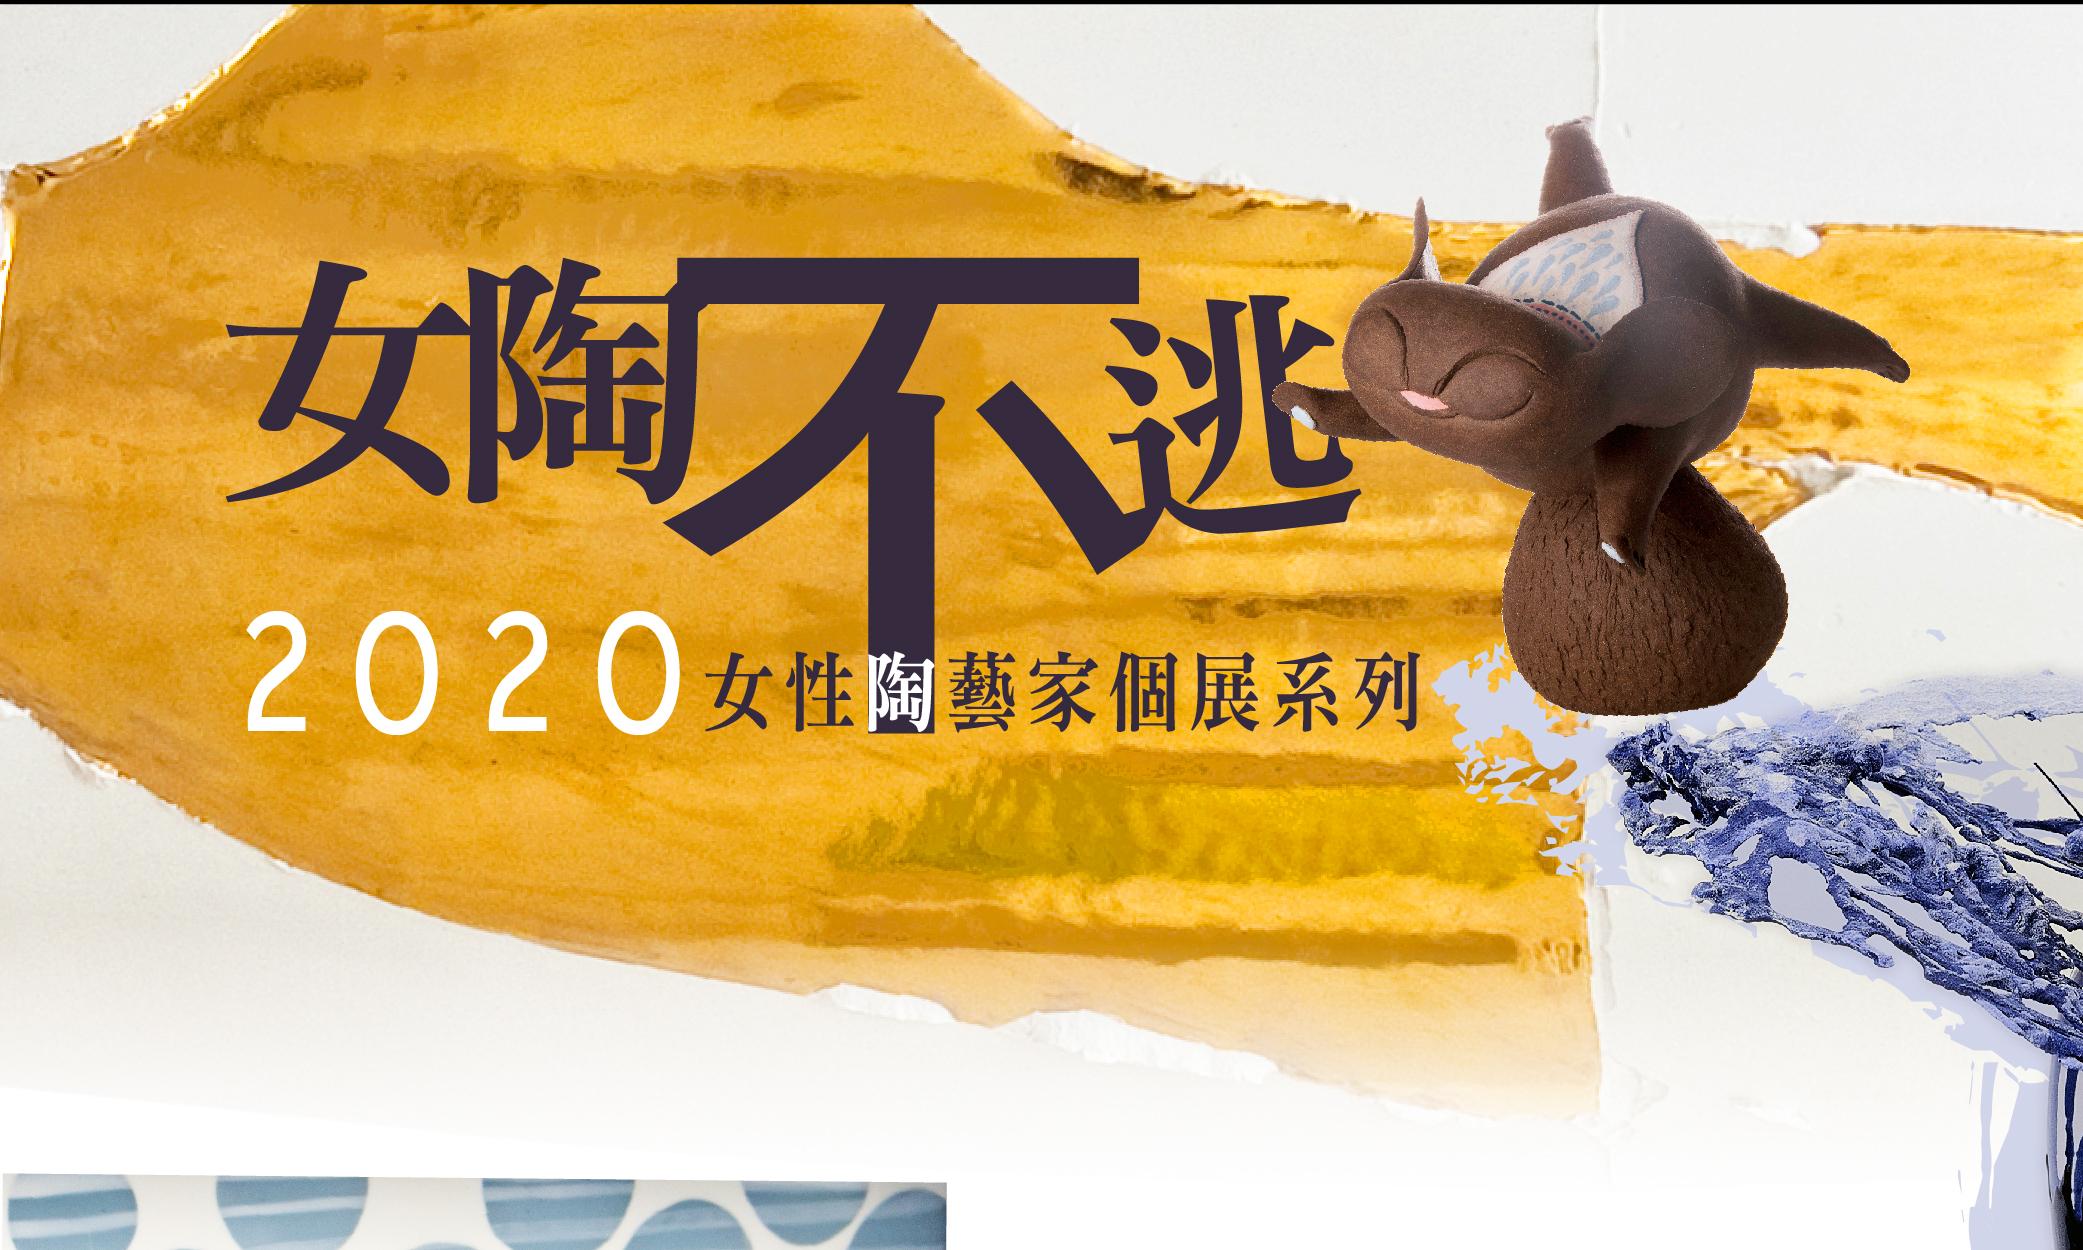 《女陶 ・ 不逃》 2020女性陶藝家個展系列